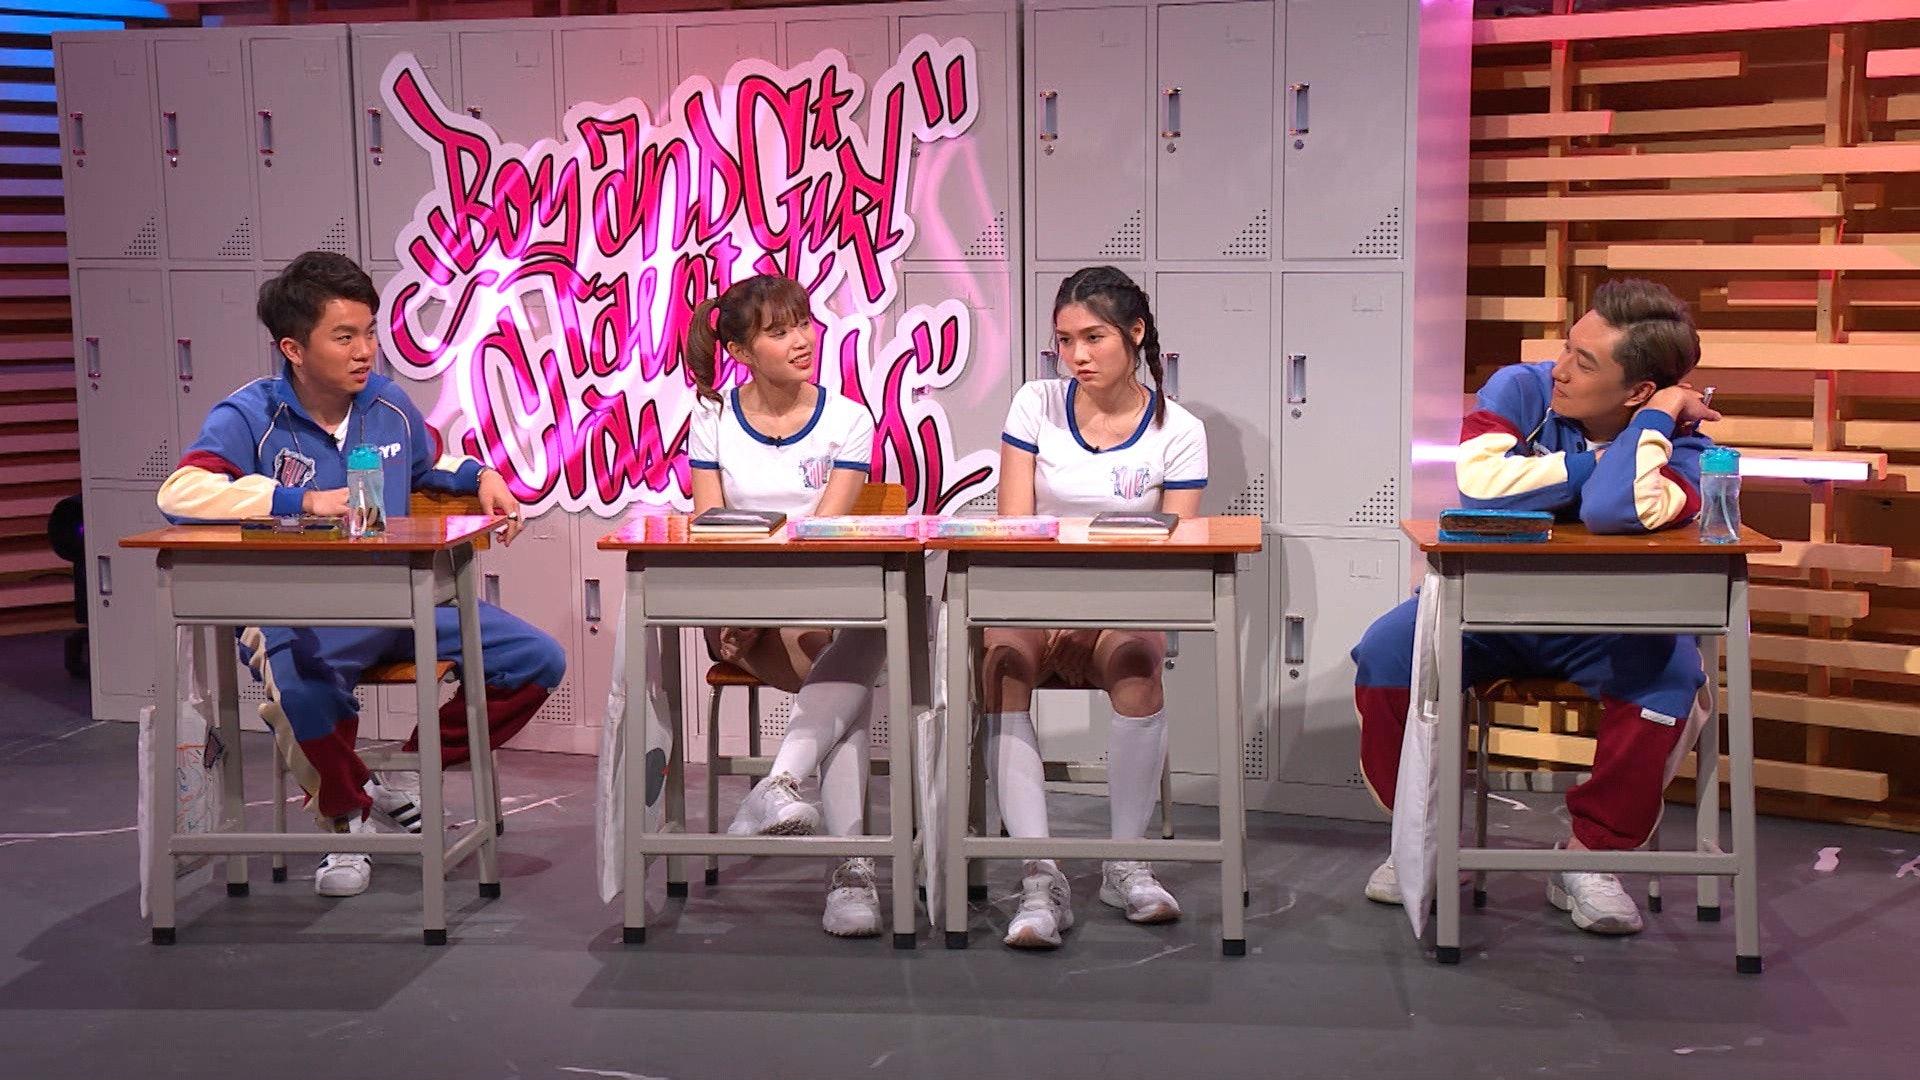 ViuTV節目《晚吹:女學生‧吹水班》圍繞校園和青春的主題,自由傾談和分享讀書時期所發生的事情,重溫校園生活的美好時光。